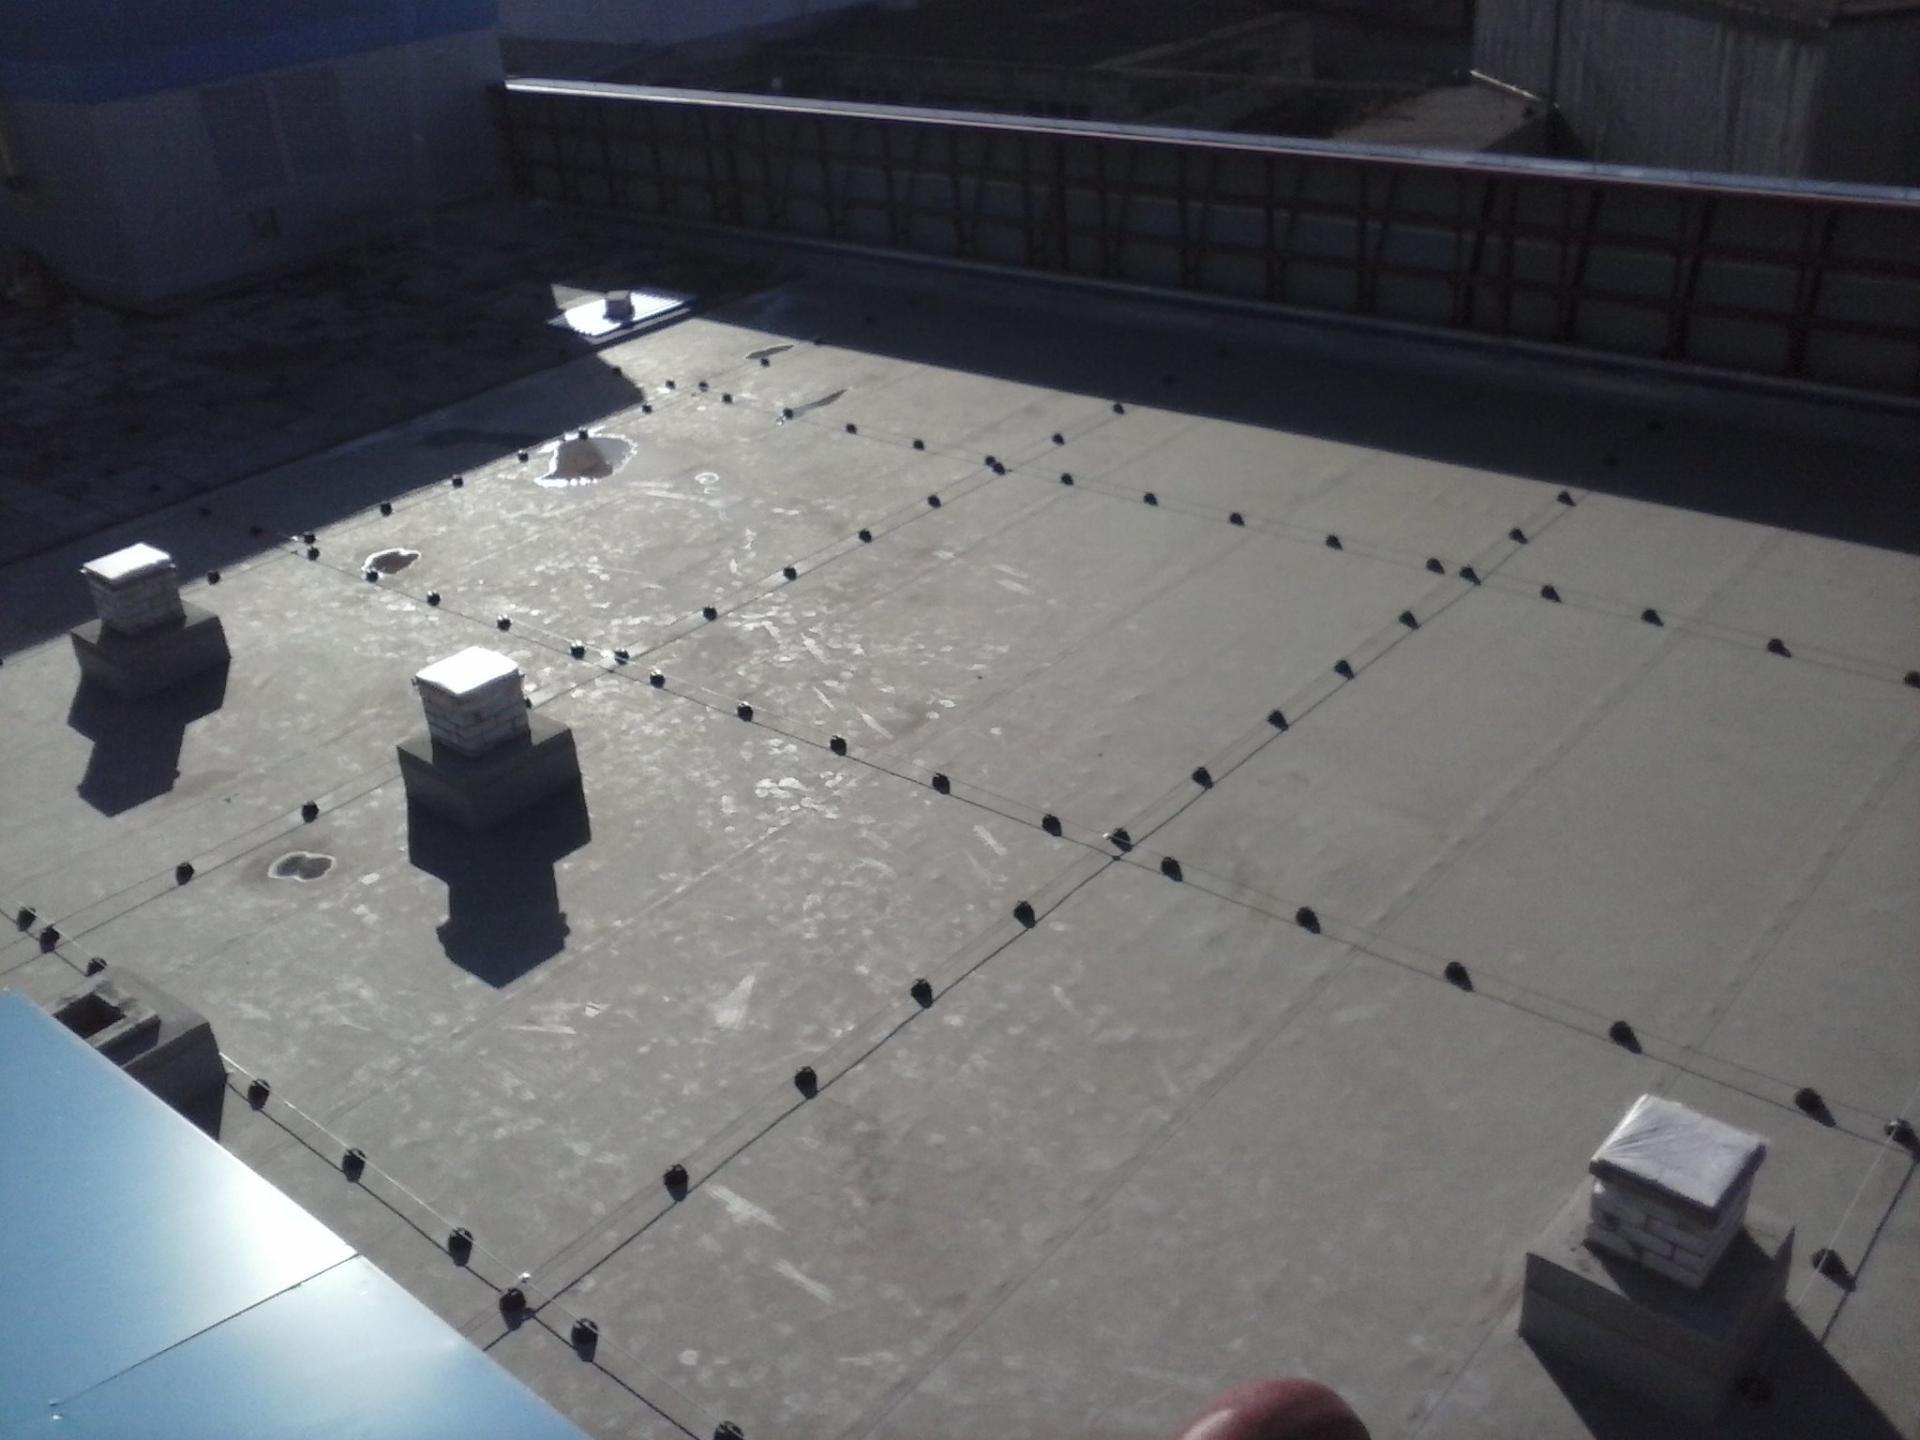 роботи по монтажу систем блискавкозахисту на Плоских поверхнях.